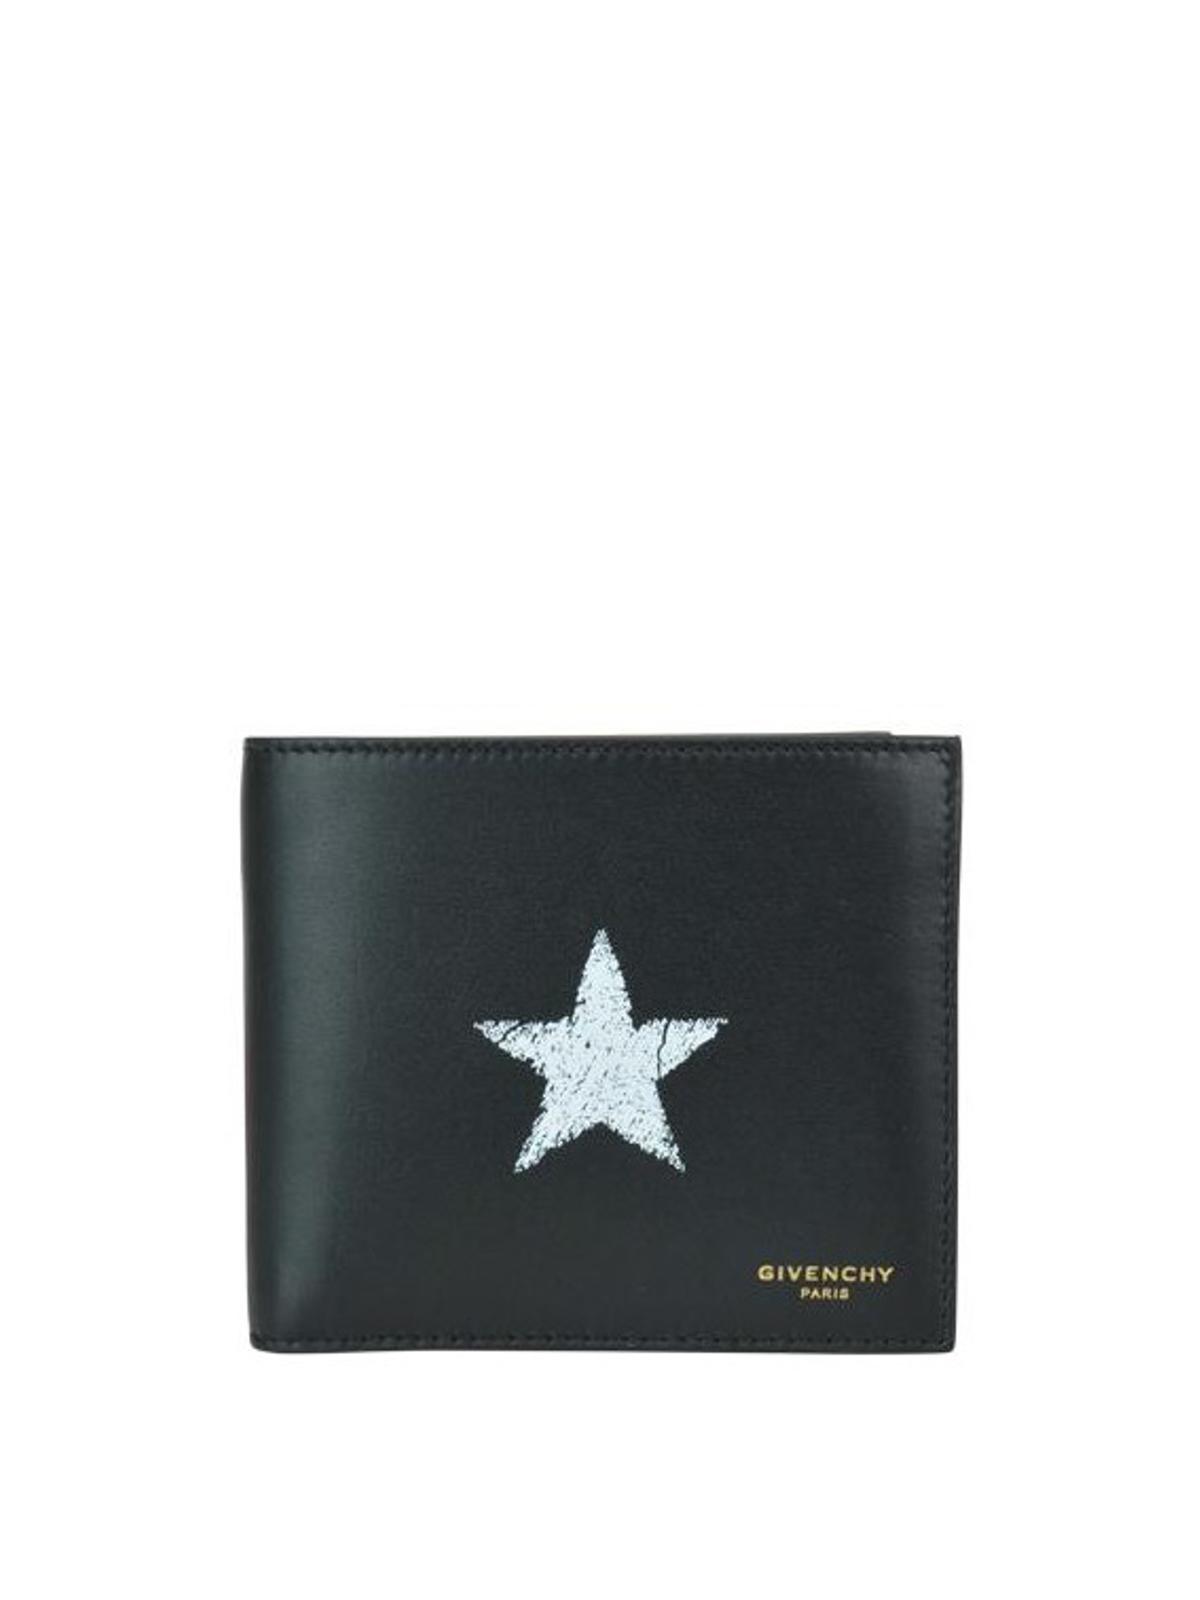 5984b9c389 Givenchy - Portafoglio bifold in pelle con stella - portafogli ...